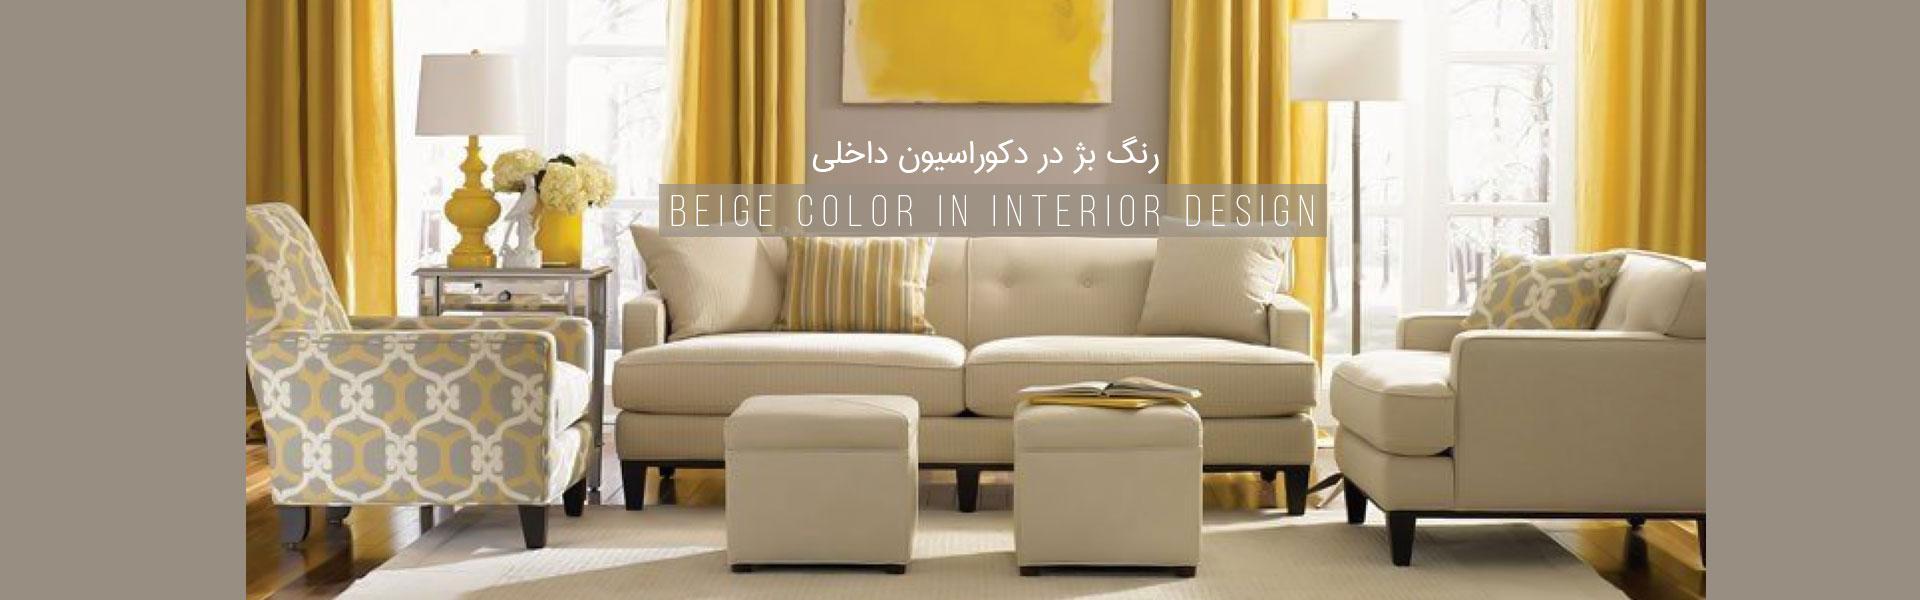 رنگ بژ در دکوراسیون داخلی با ترکیب زرد